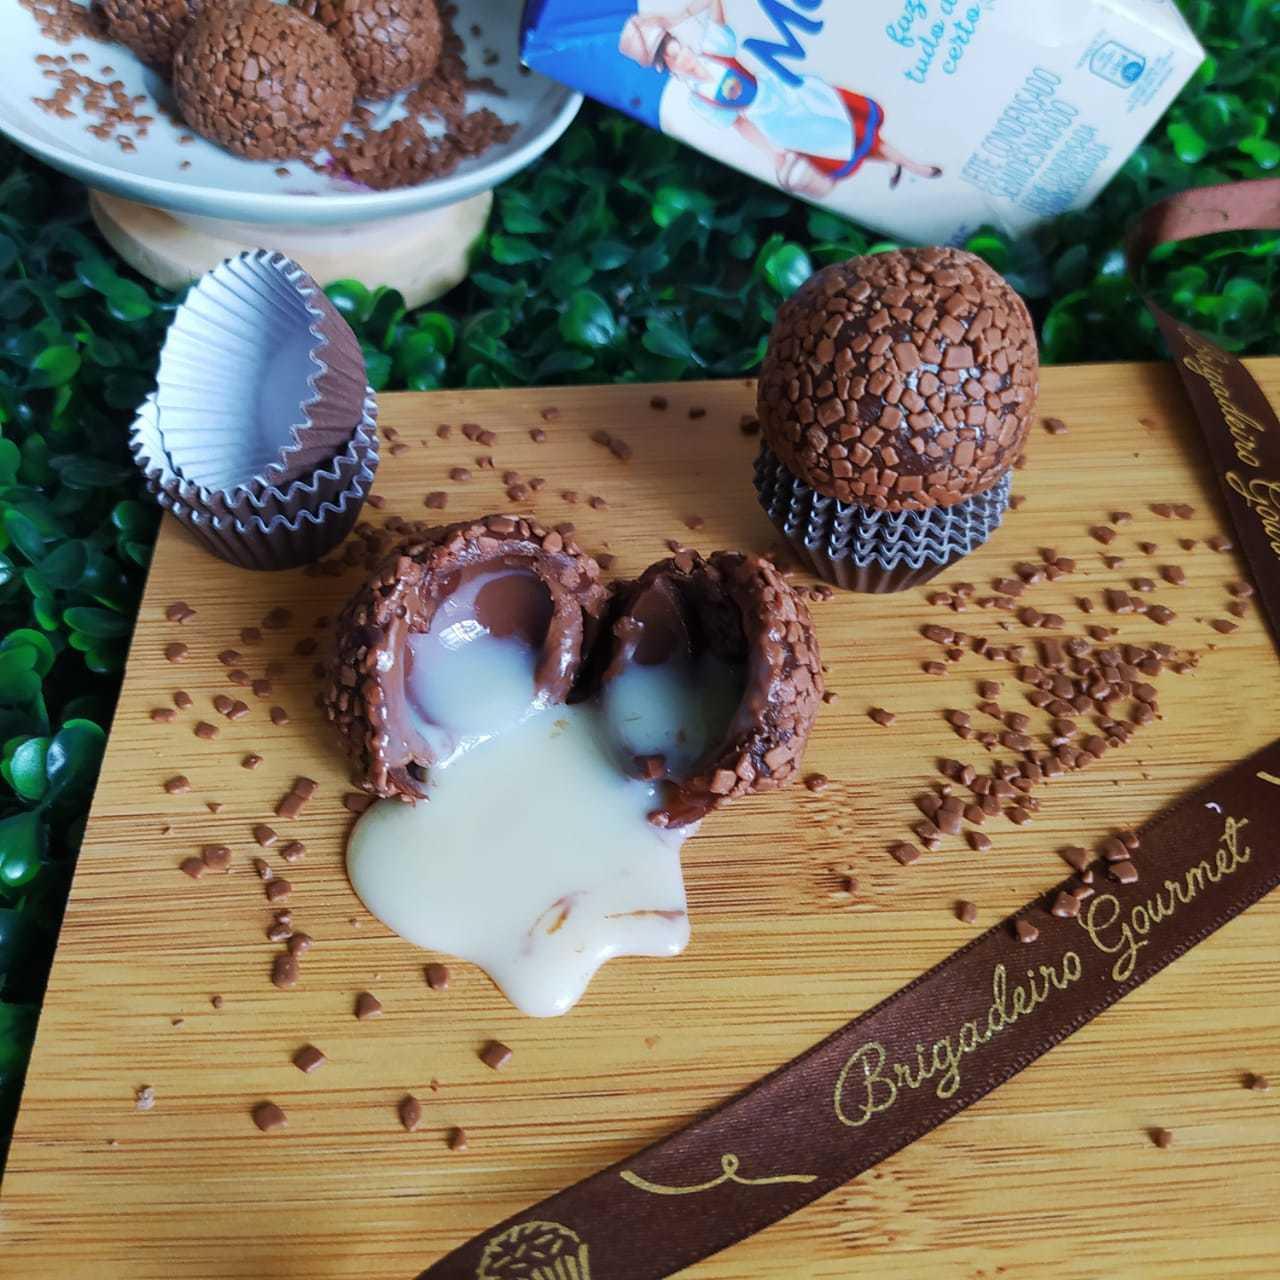 Criar memórias afetivas com os doces é um dos objetivos da empreendedora. (Foto: Arquivo Pessoal)